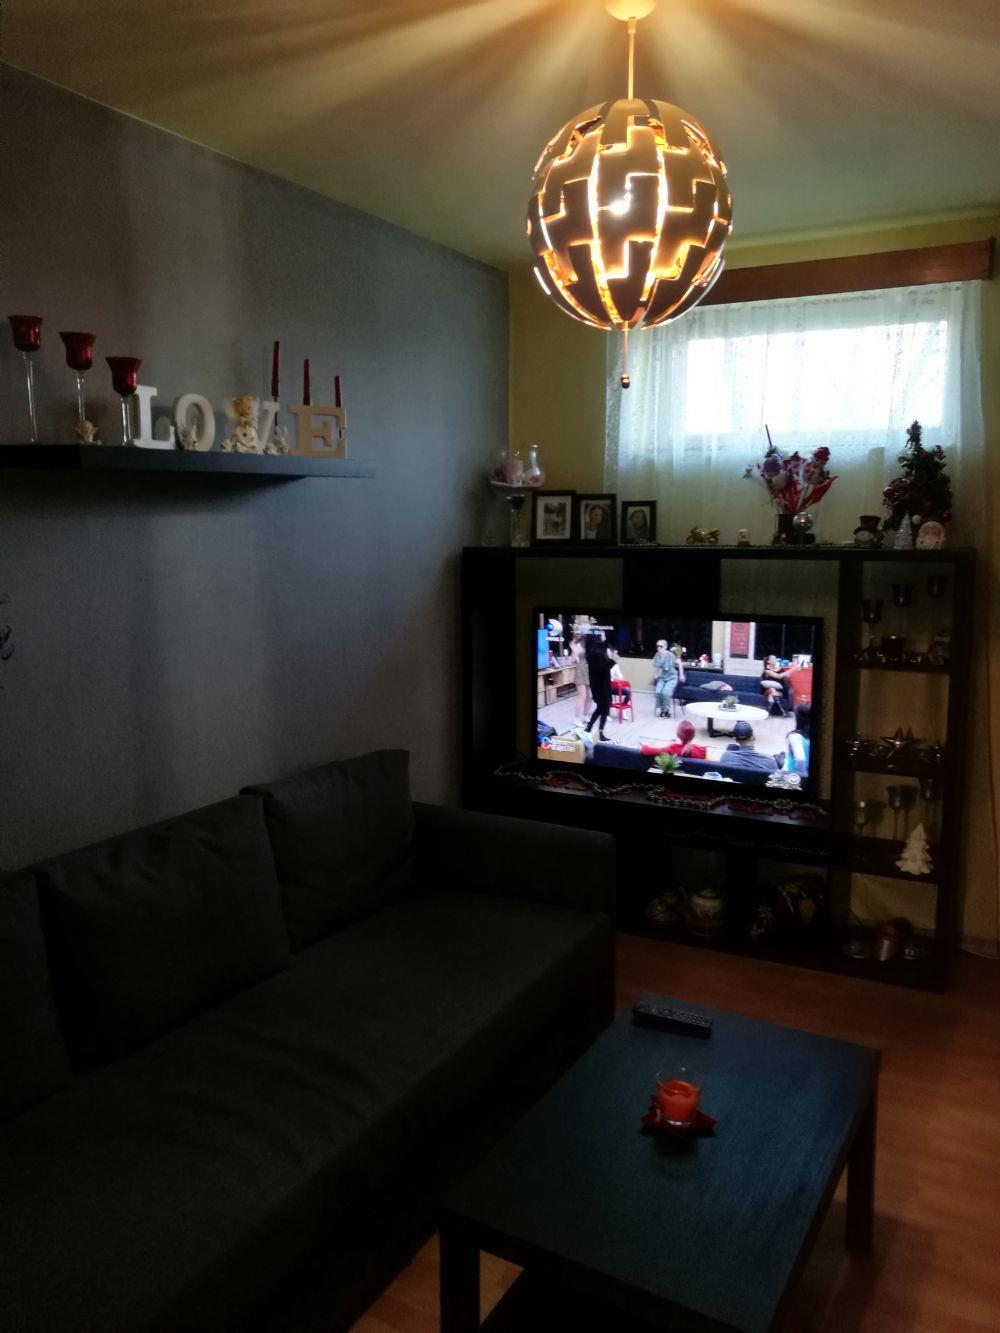 De vânzare casa în Nădlac  - imagine 5